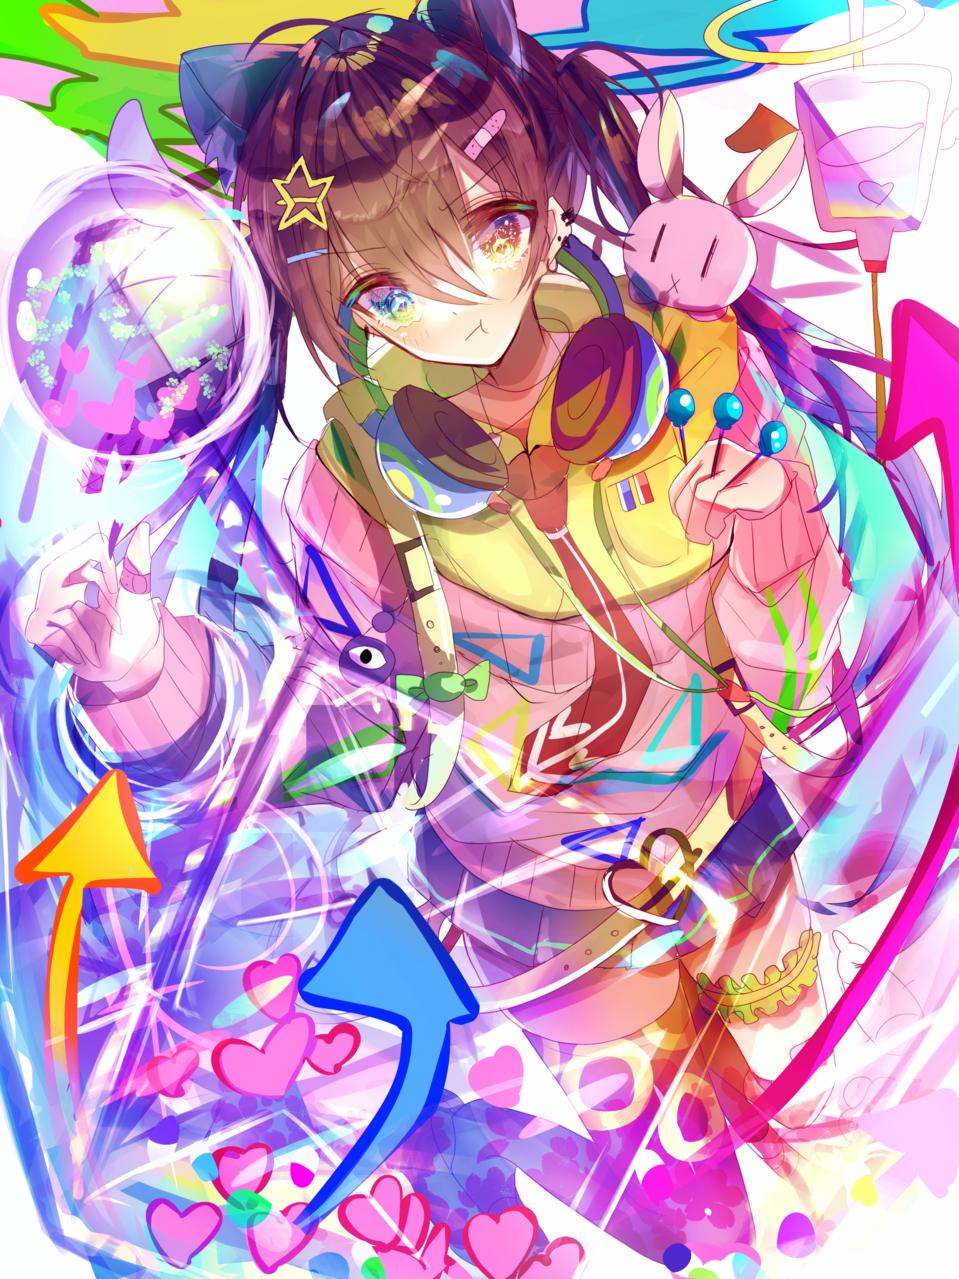 鮮烈 Illust of つぶ ARTstreet_Ranking April.2020Contest:Color medibangpaint girl oc original